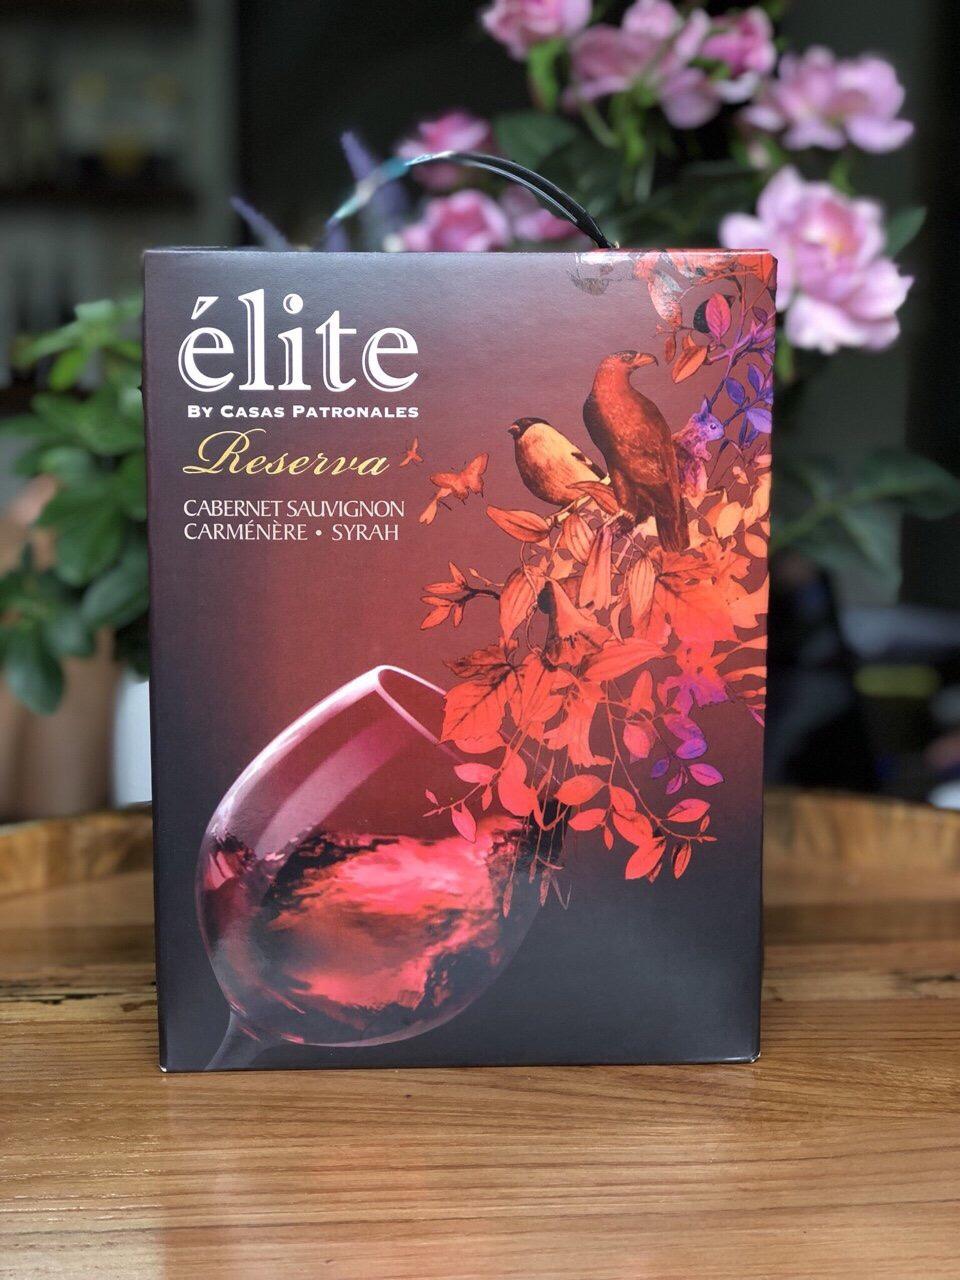 Rượu vang bich Elite Casas Patronales Reserva